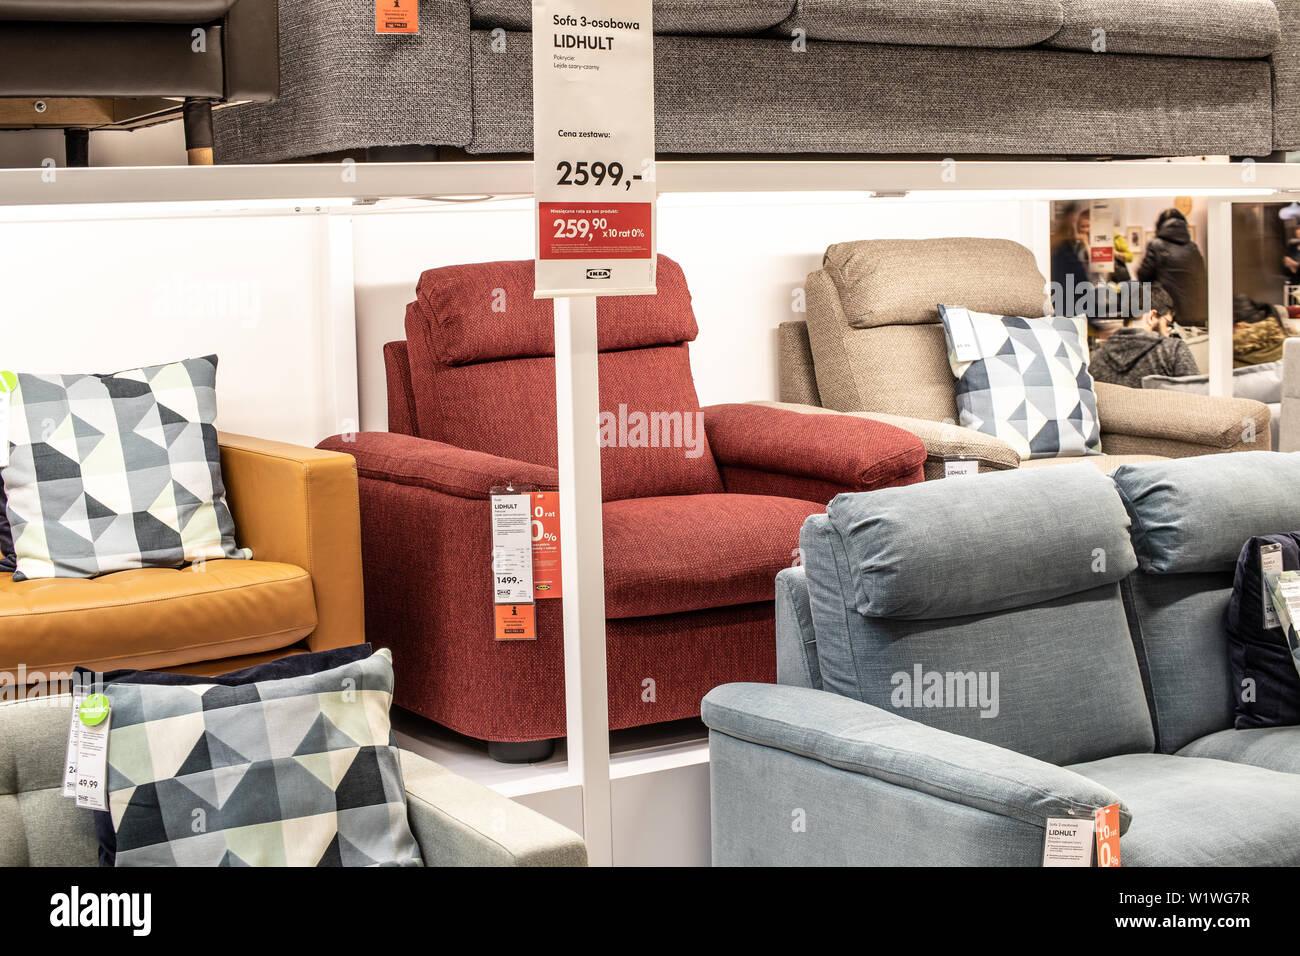 Divano Velluto Blu Ikea divani in tessuto immagini & divani in tessuto fotos stock